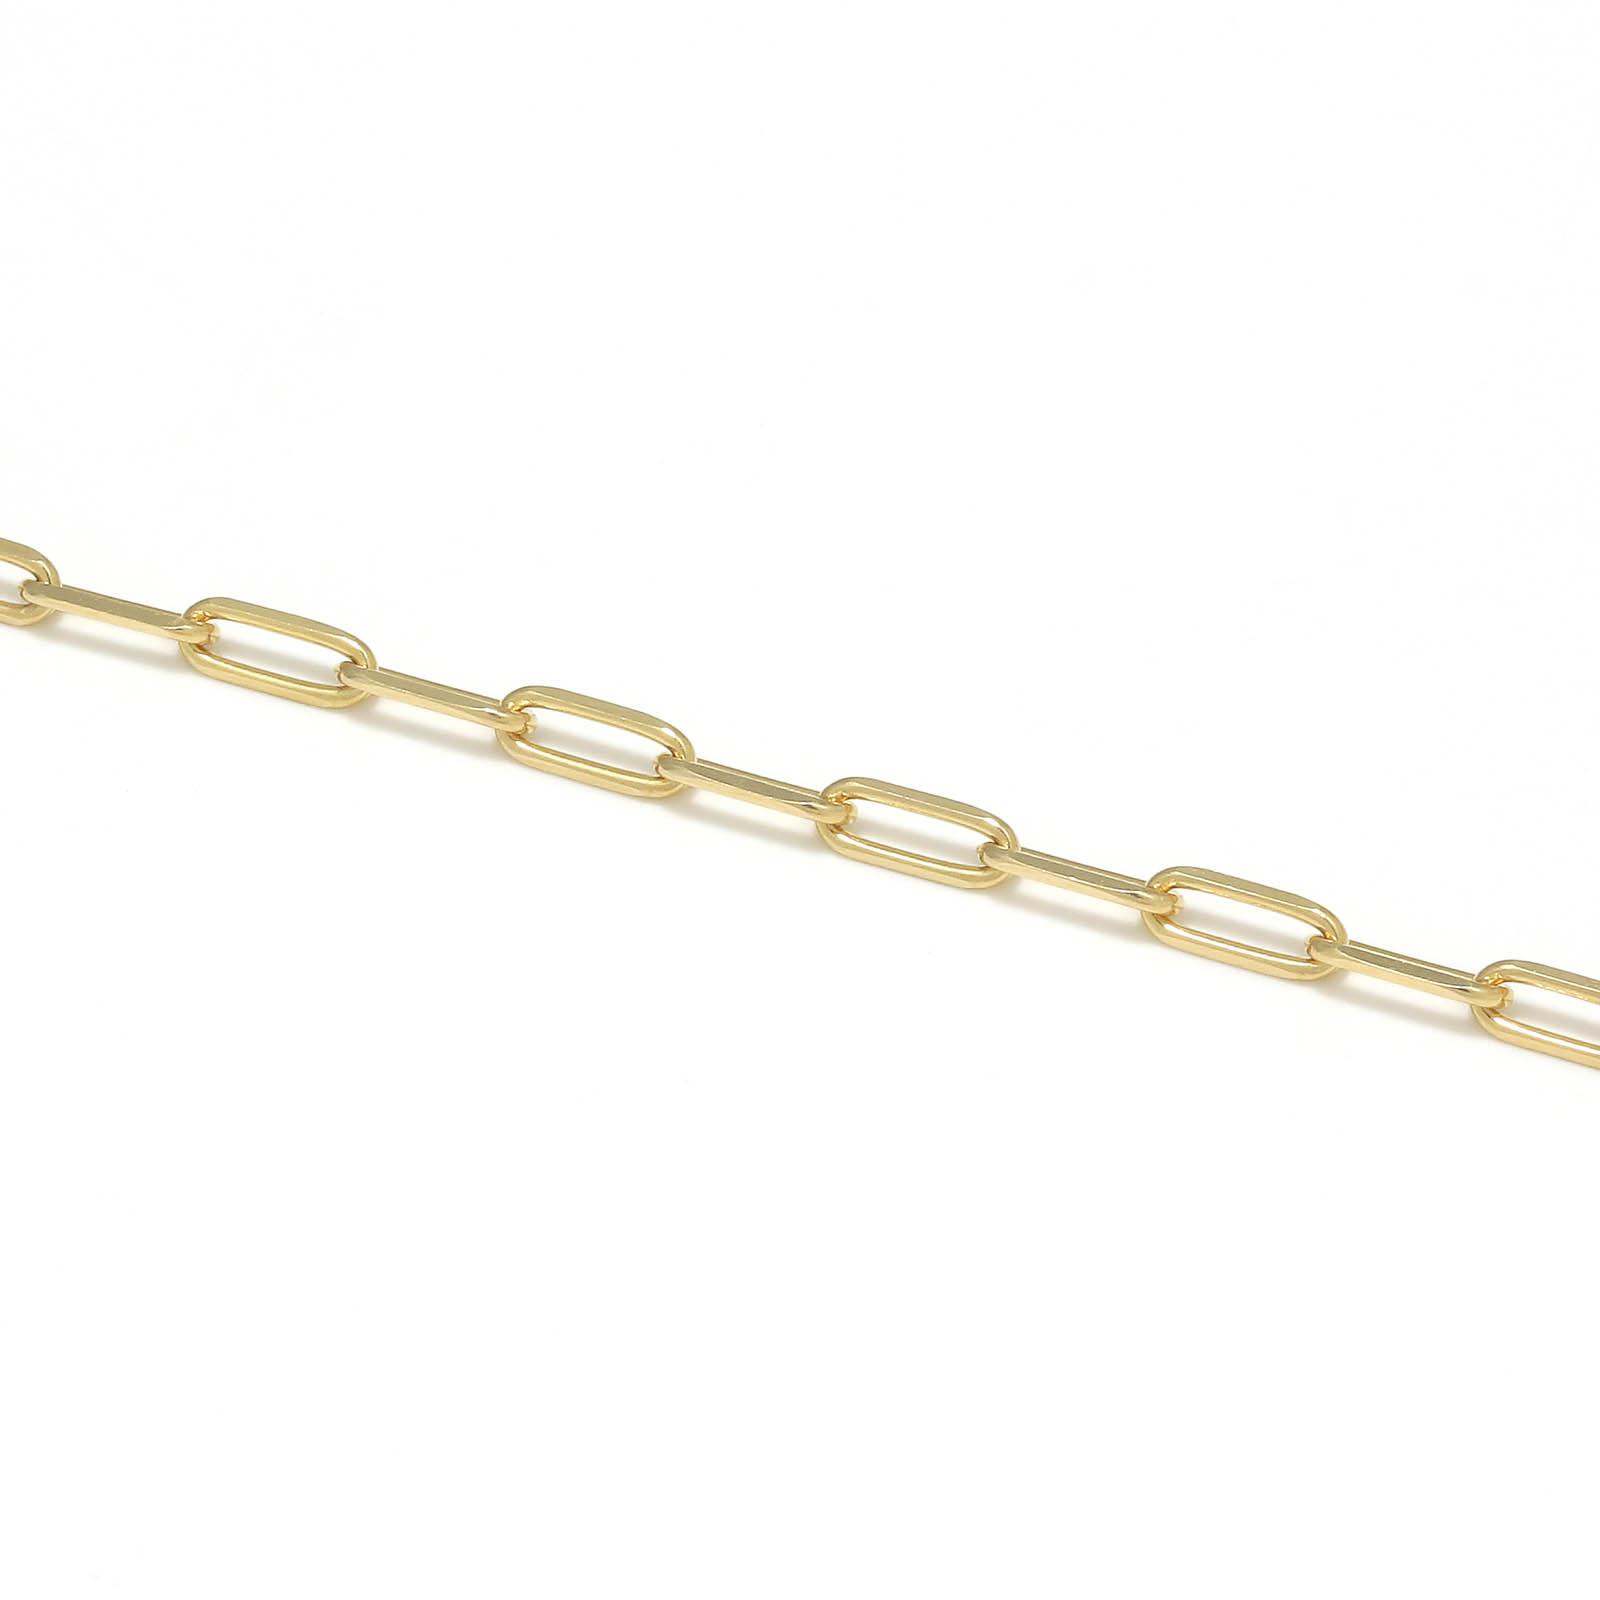 JUST GOOD Chain Bracelet - Anchor - GV